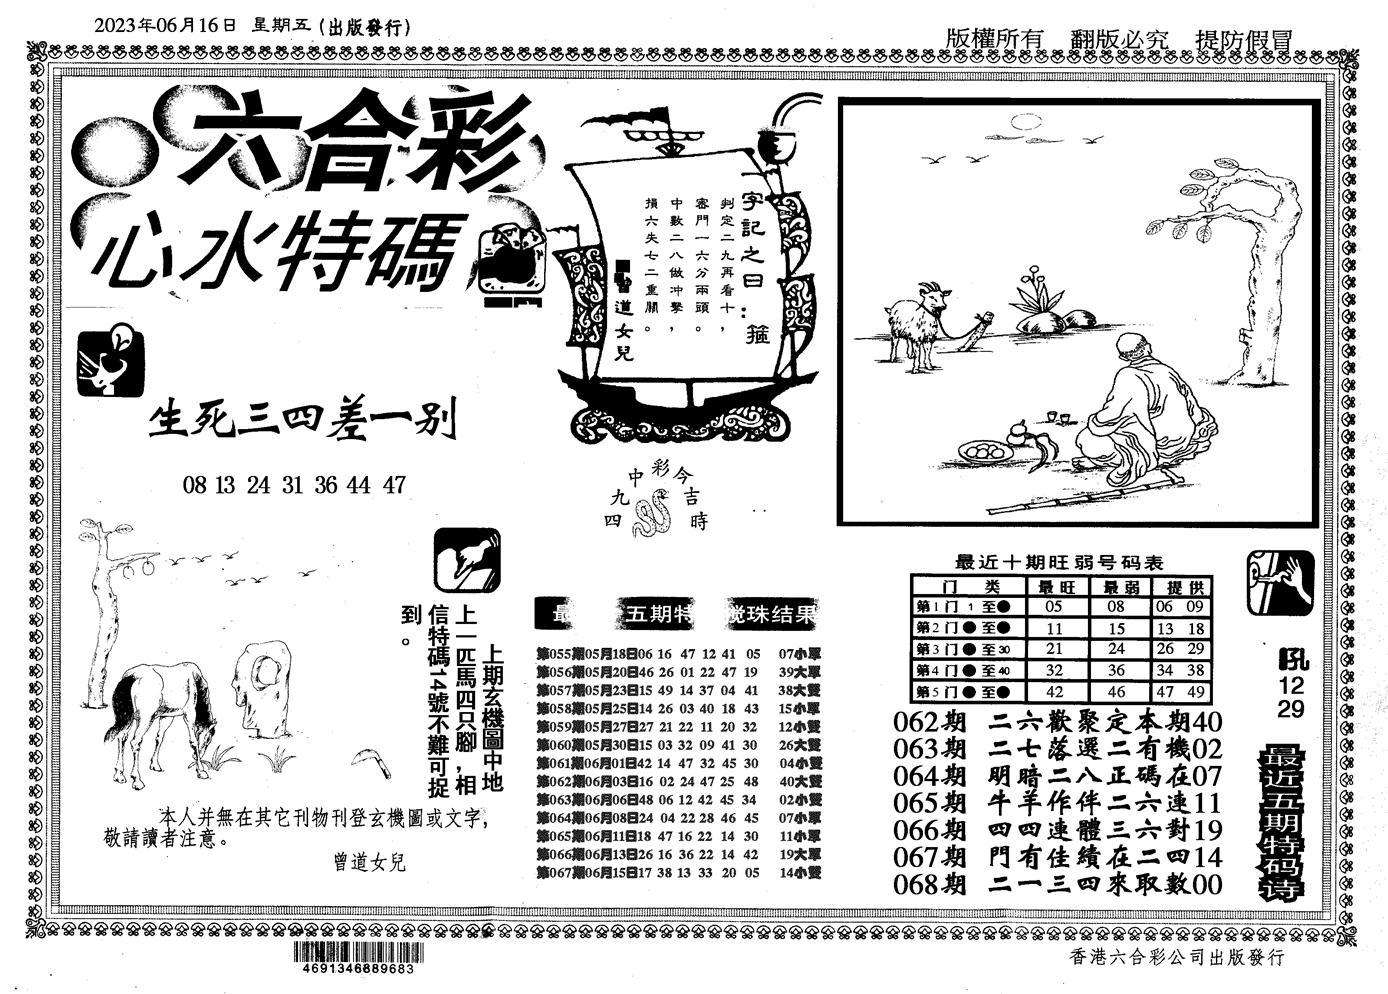 068期心水特码信封(黑白)